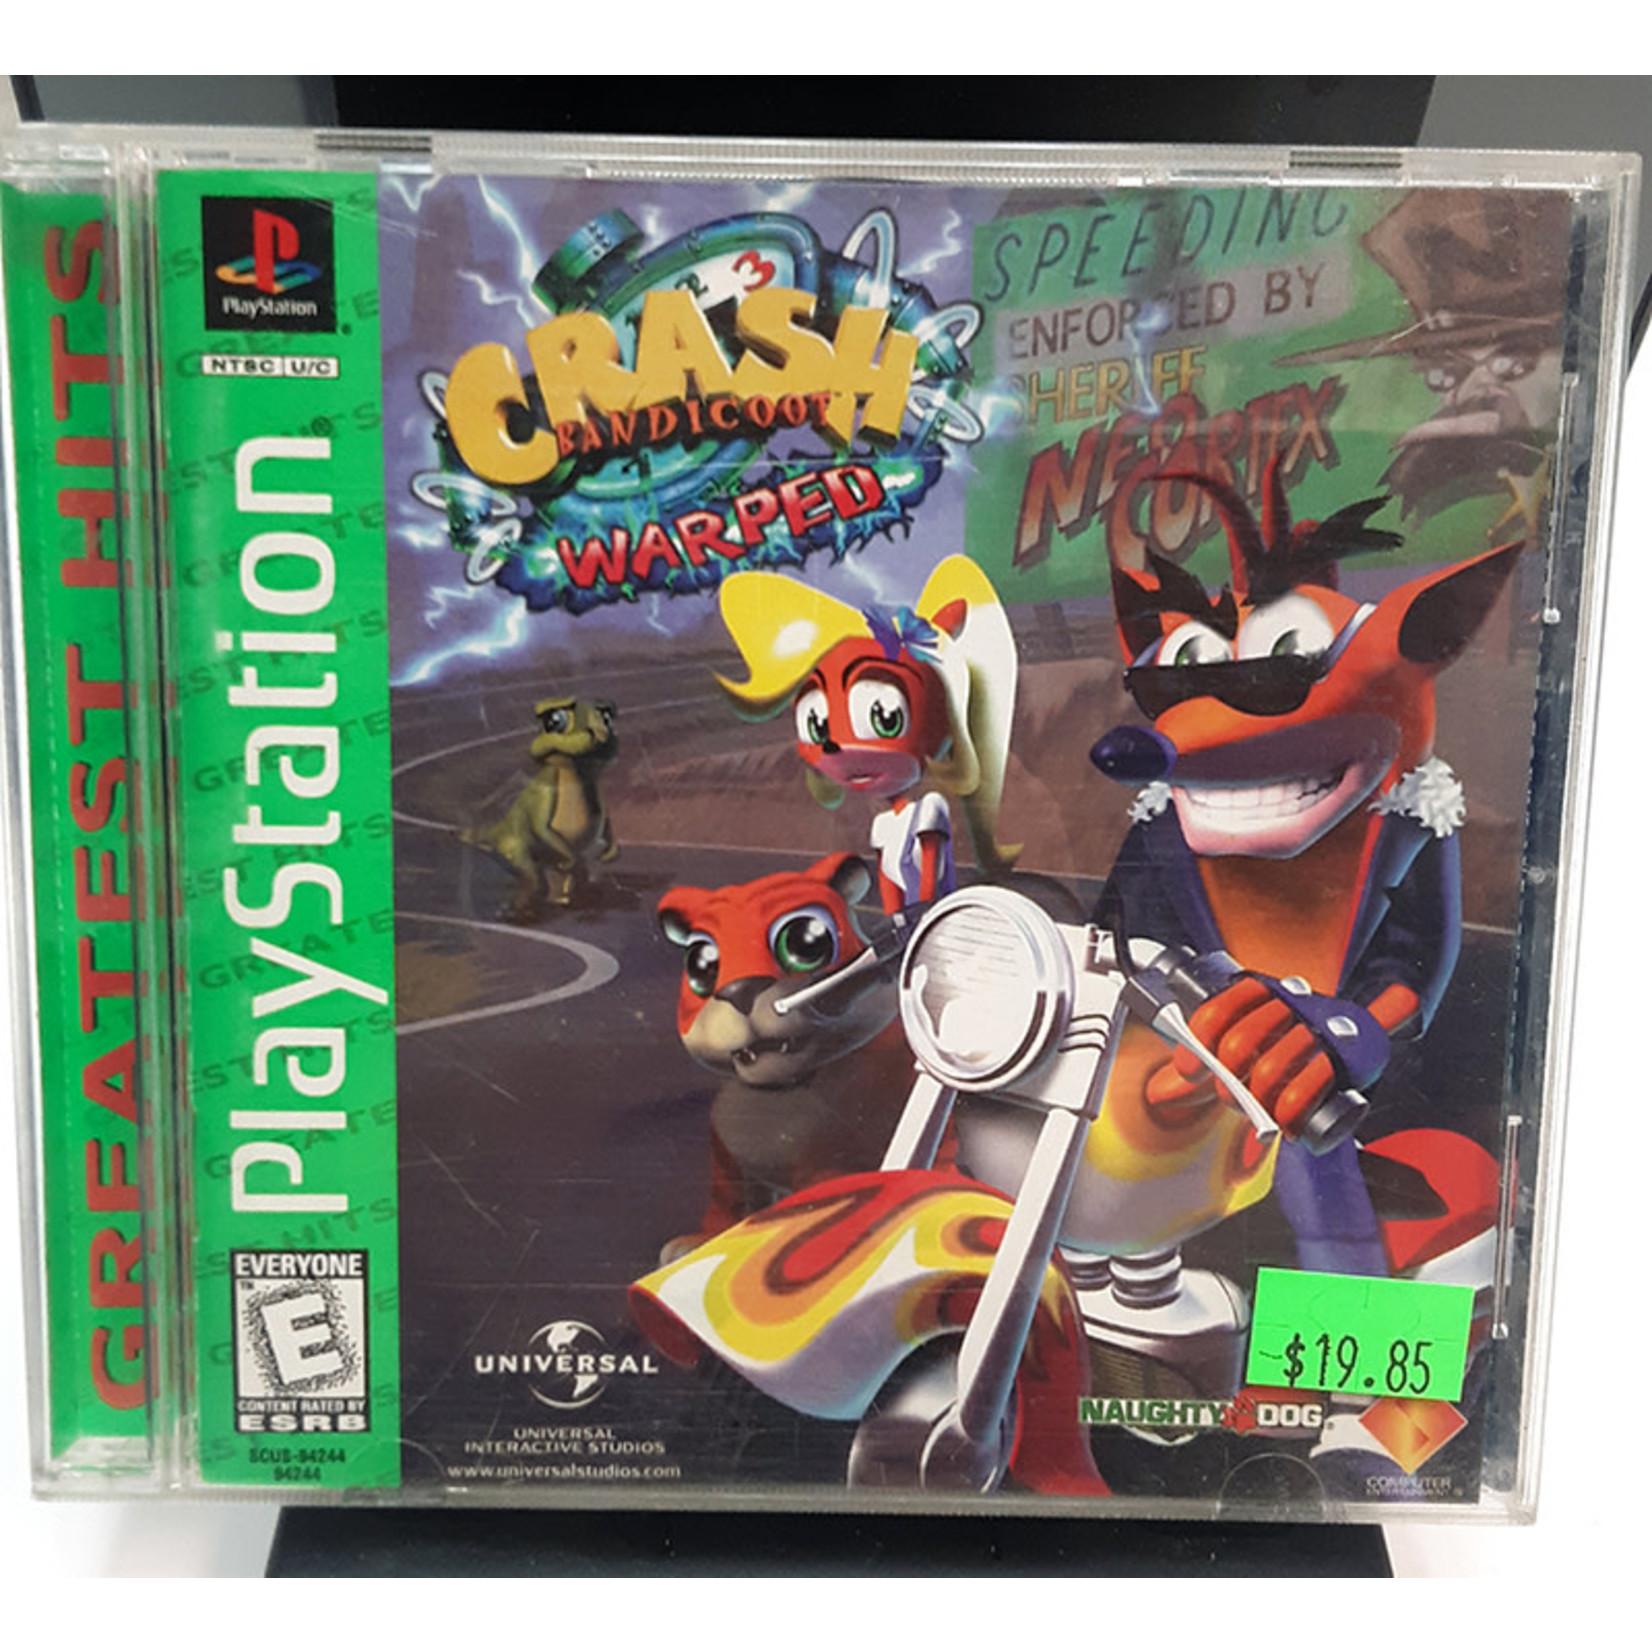 ps1u-Crash Bandicoot 3 Warped